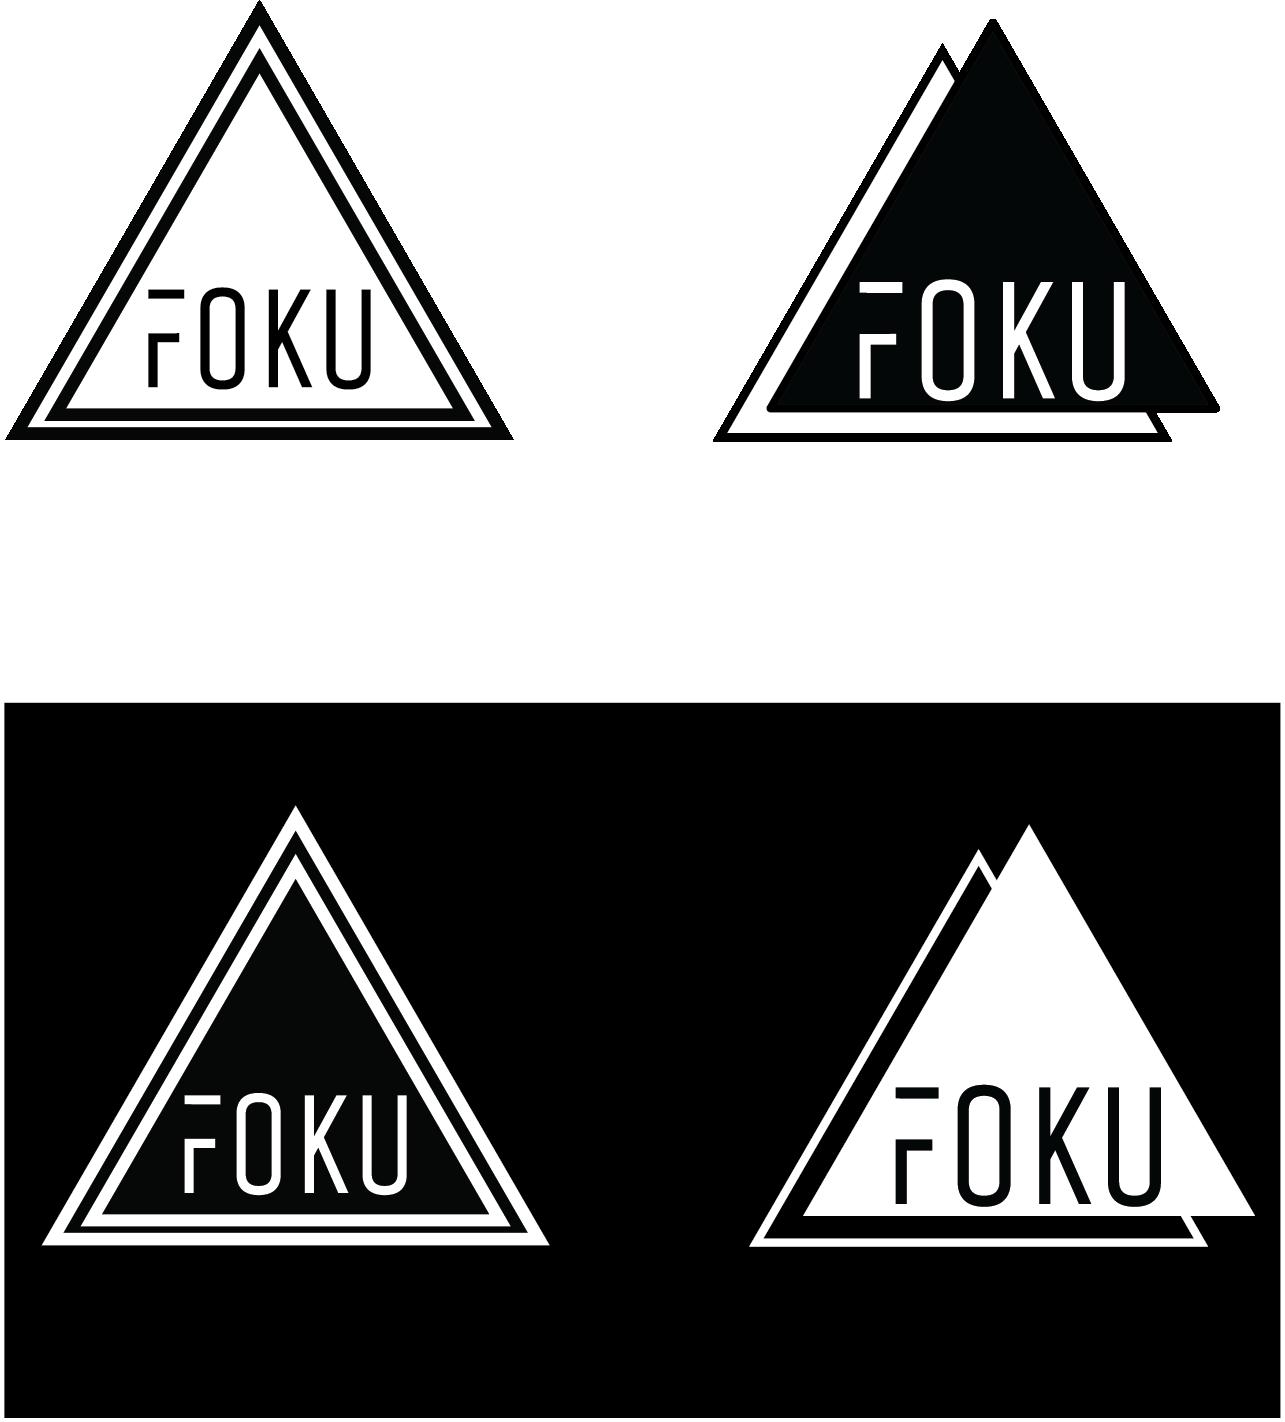 Foku_finalized